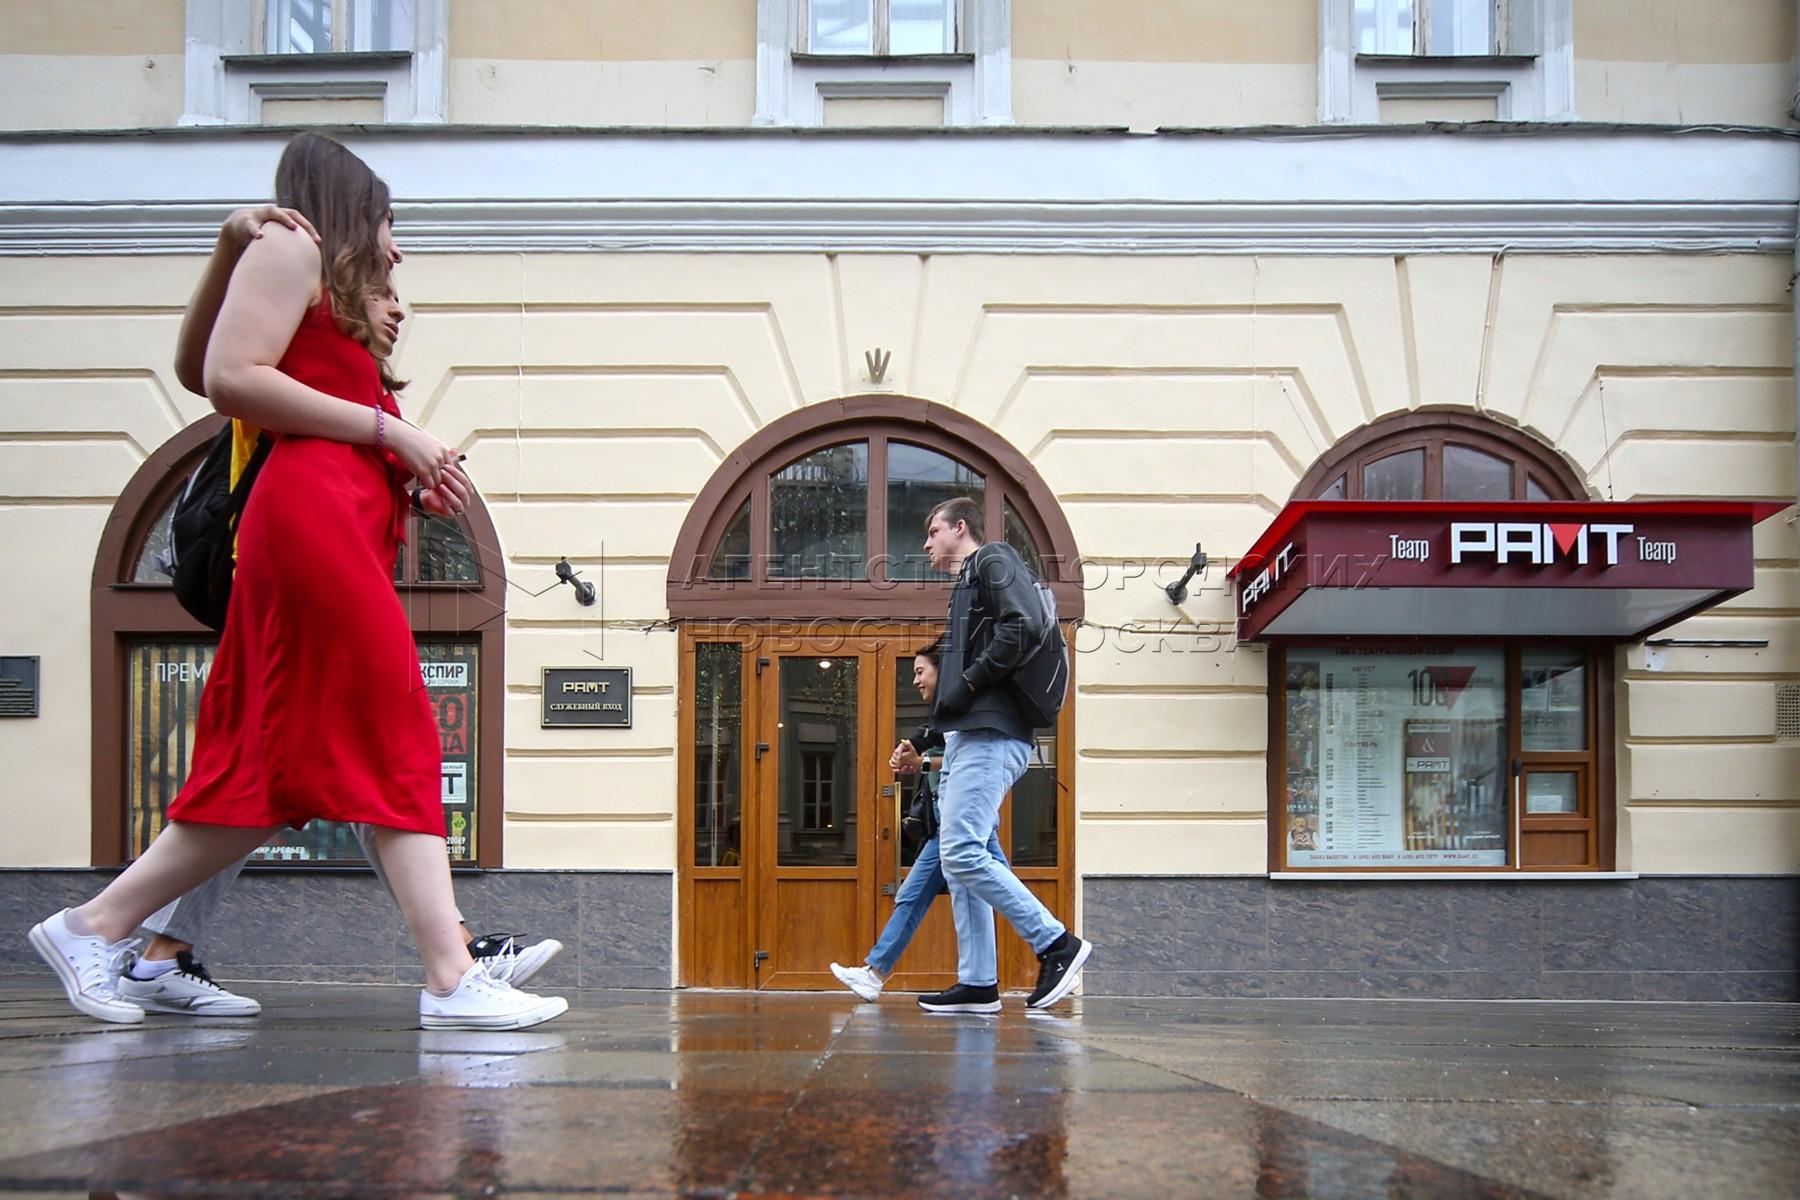 Российский академический молодежный театр перед открытием 100-ого юбилейного сезона.